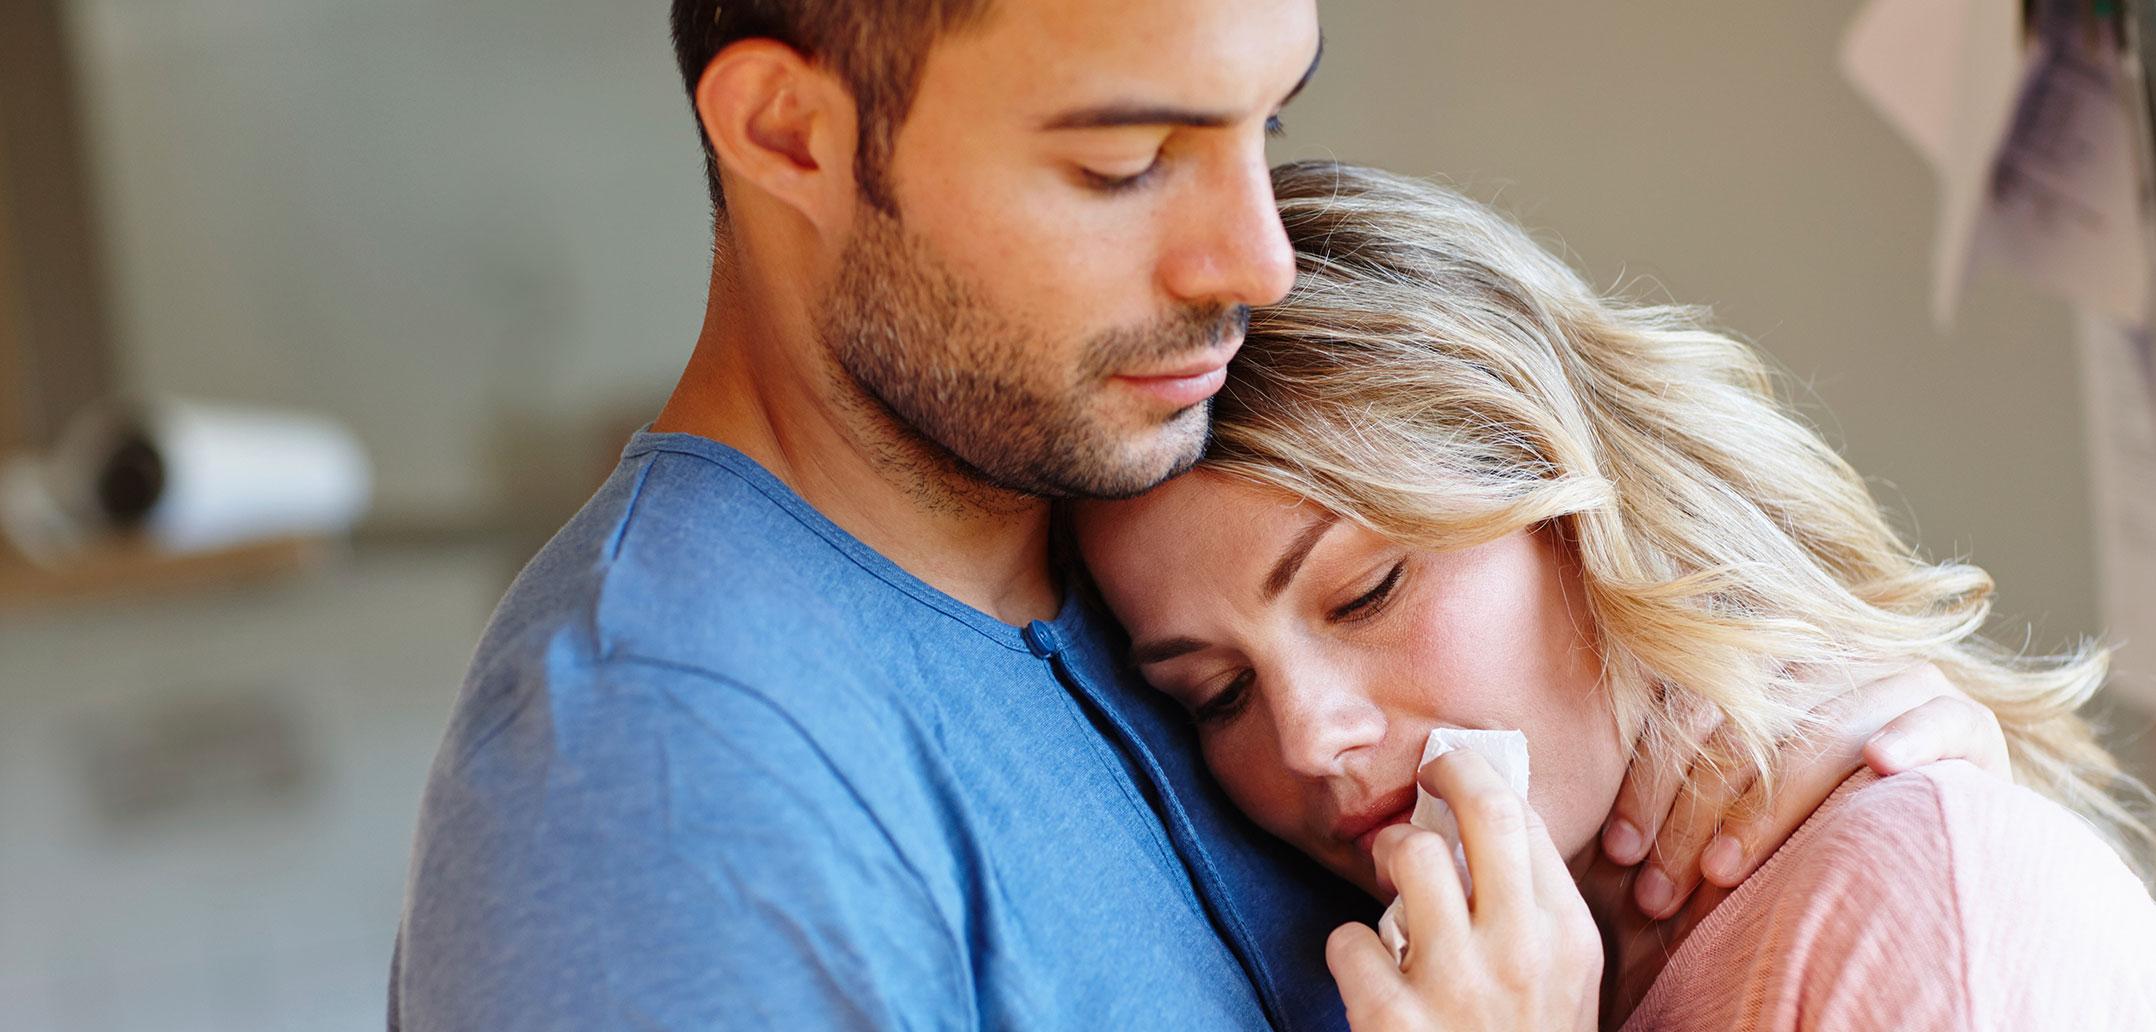 Verlustangst In Der Beziehung Beziehungsweise